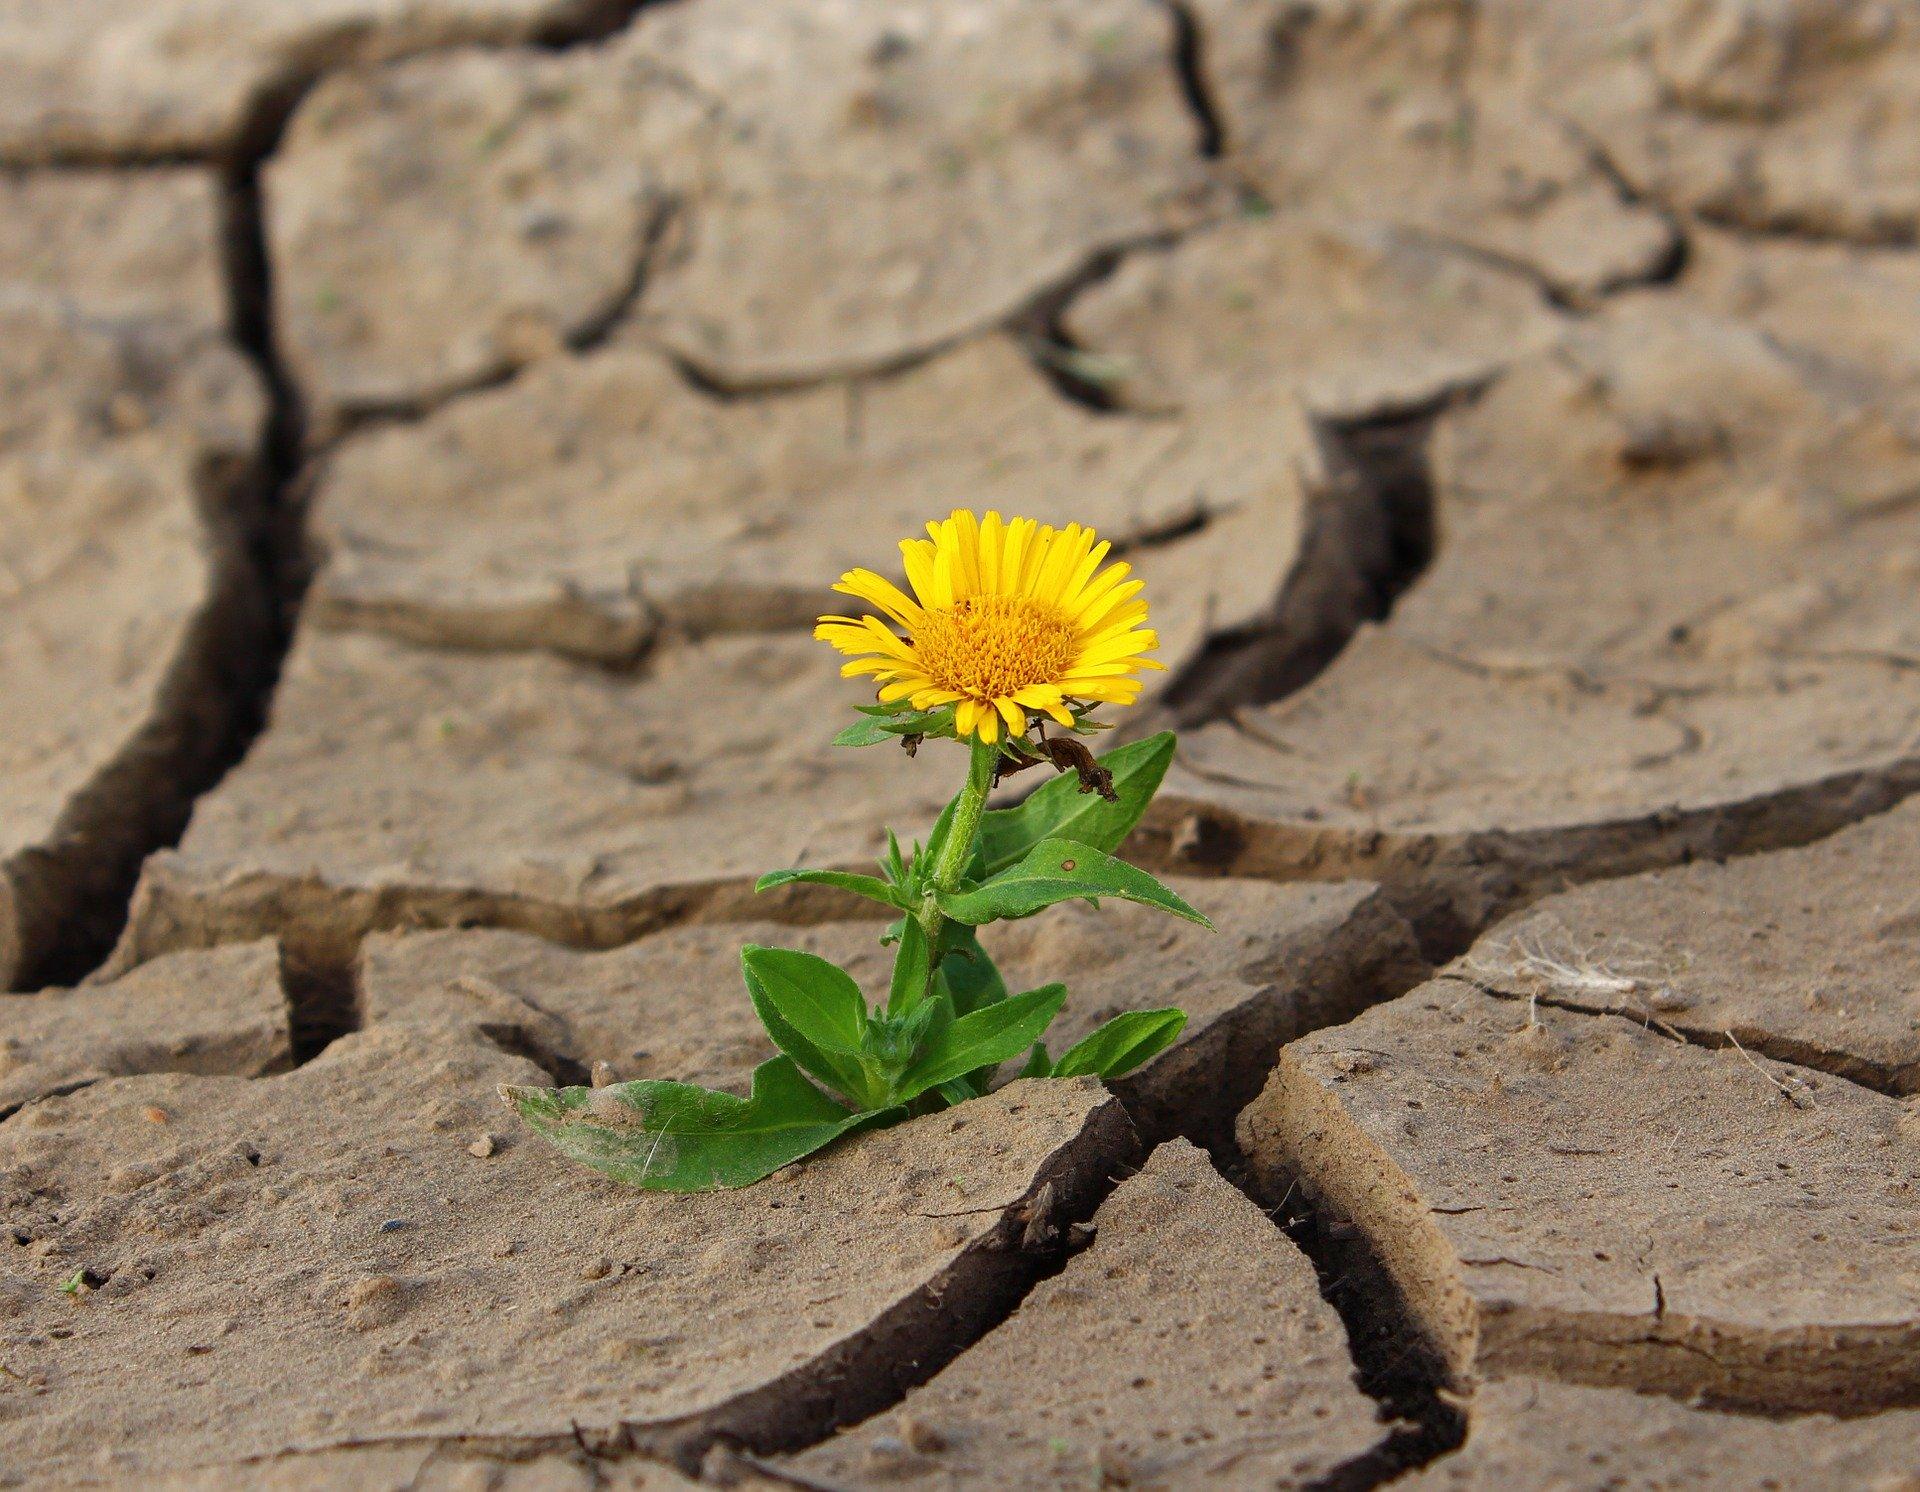 Tras el suicidio de un ser querido nada vuelve a ser igual, pero es posible seguir adelante.